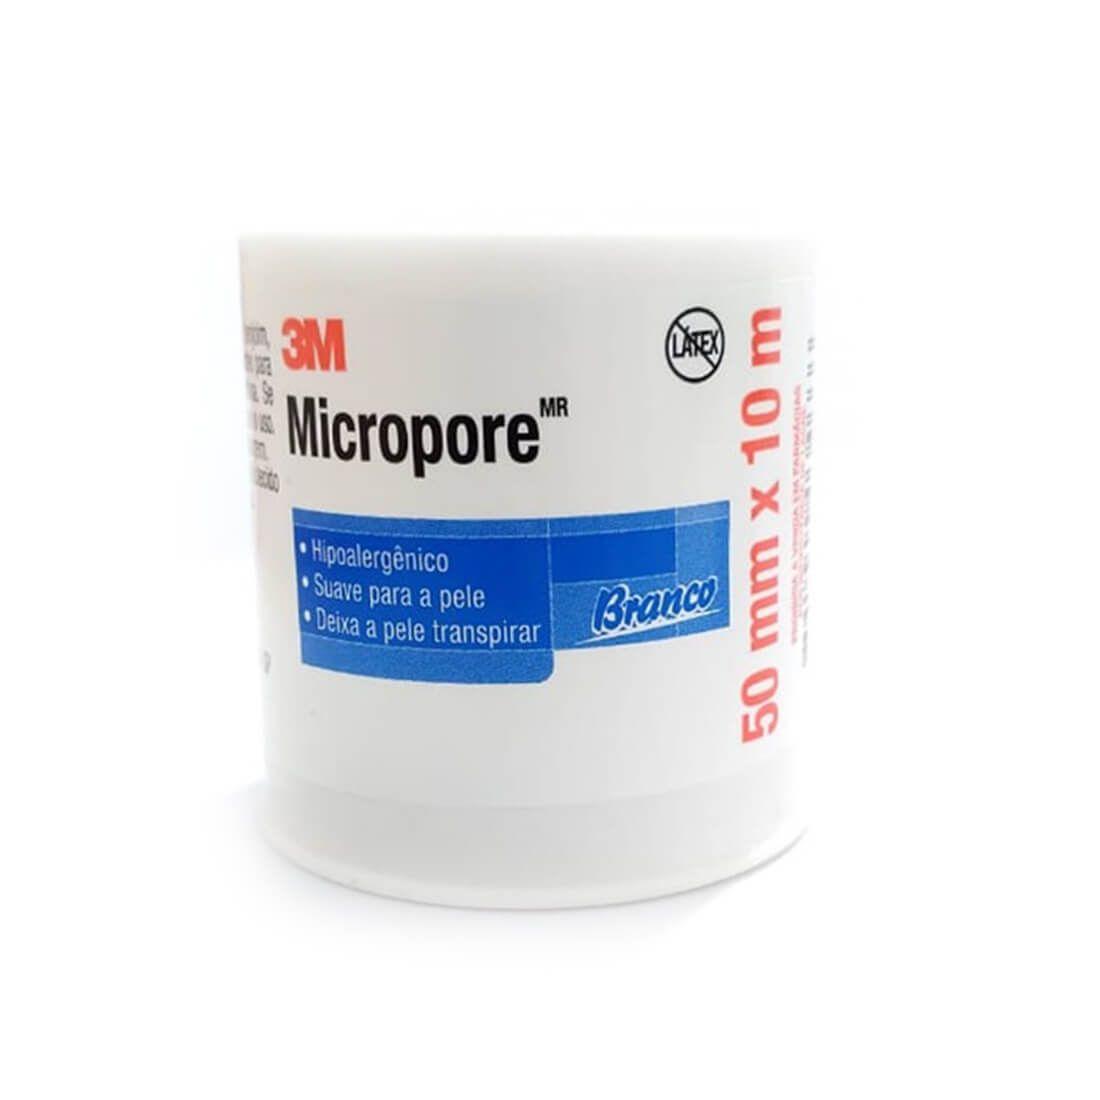 Fita Adesiva Micropore 3M 50mmX10m Branco- 12 unidades